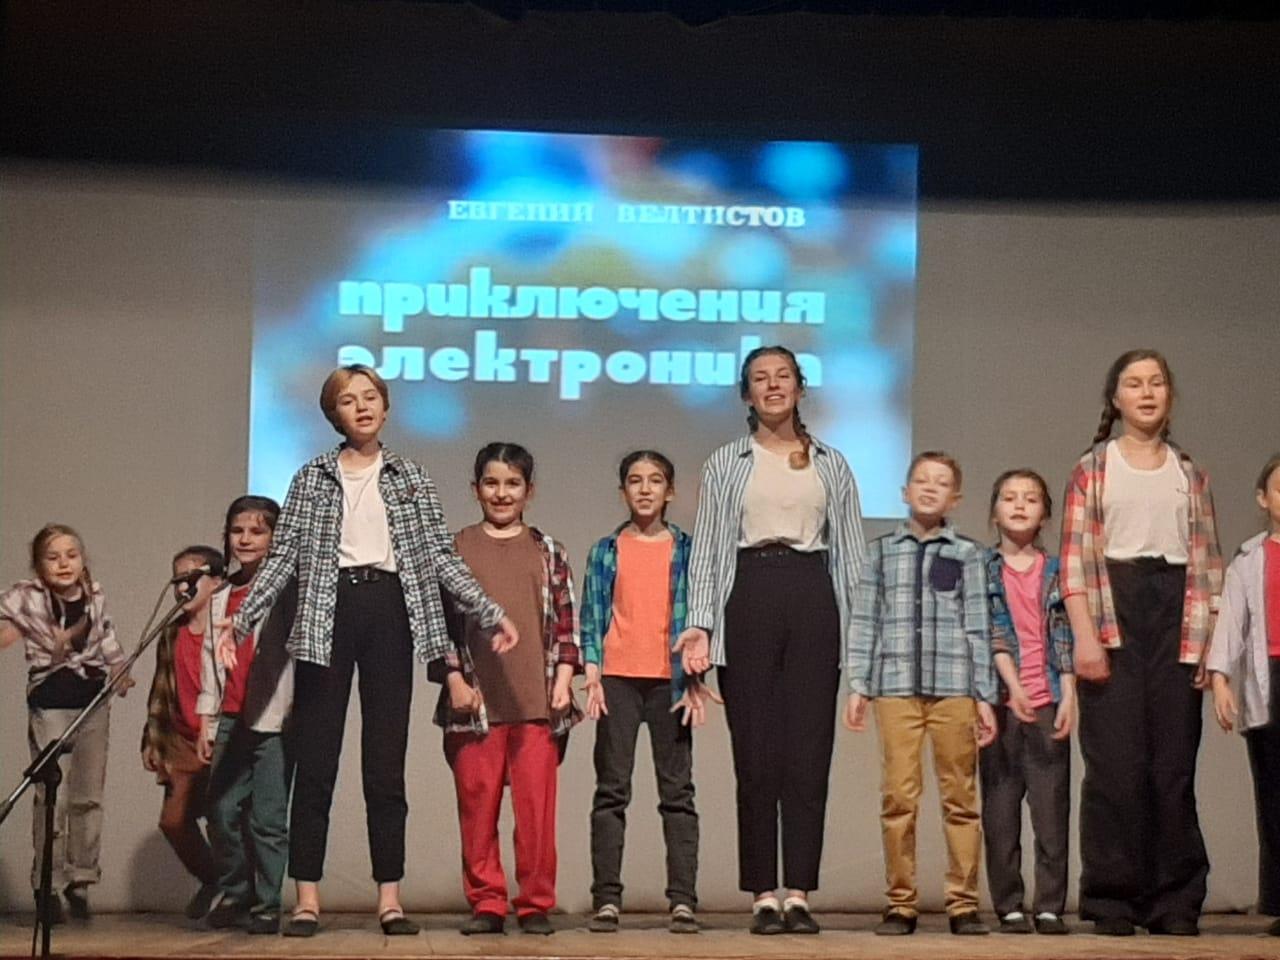 В Новороссийске показали детский спектакль для взрослых, которые тоже были детьми